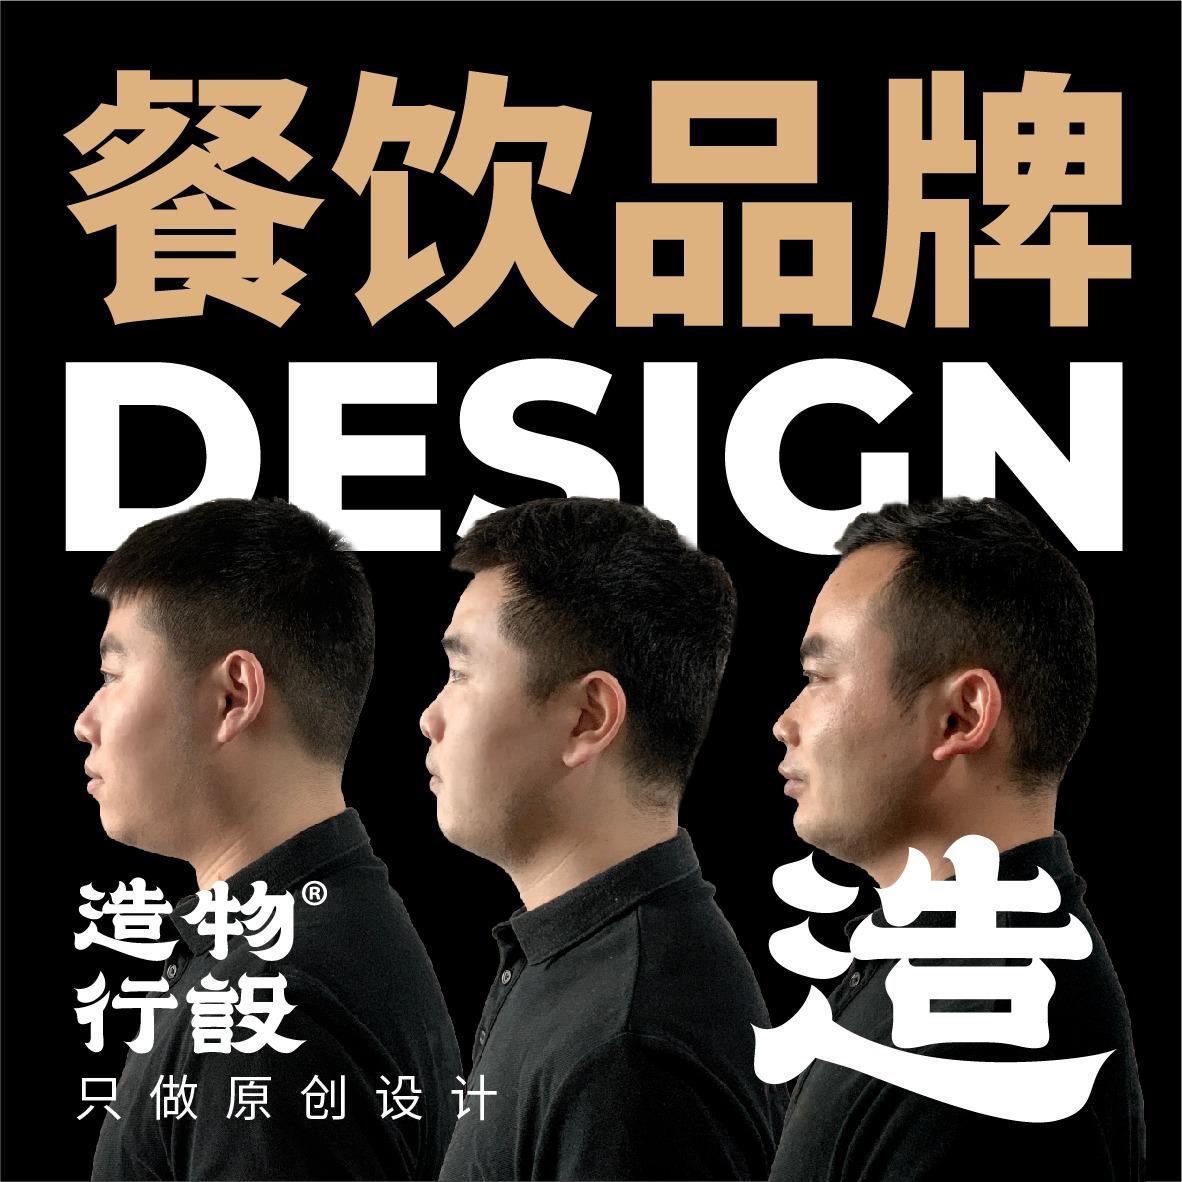 餐饮品牌设计食品超市咖啡饮品服装烘培餐厅火锅vi全套设计全案